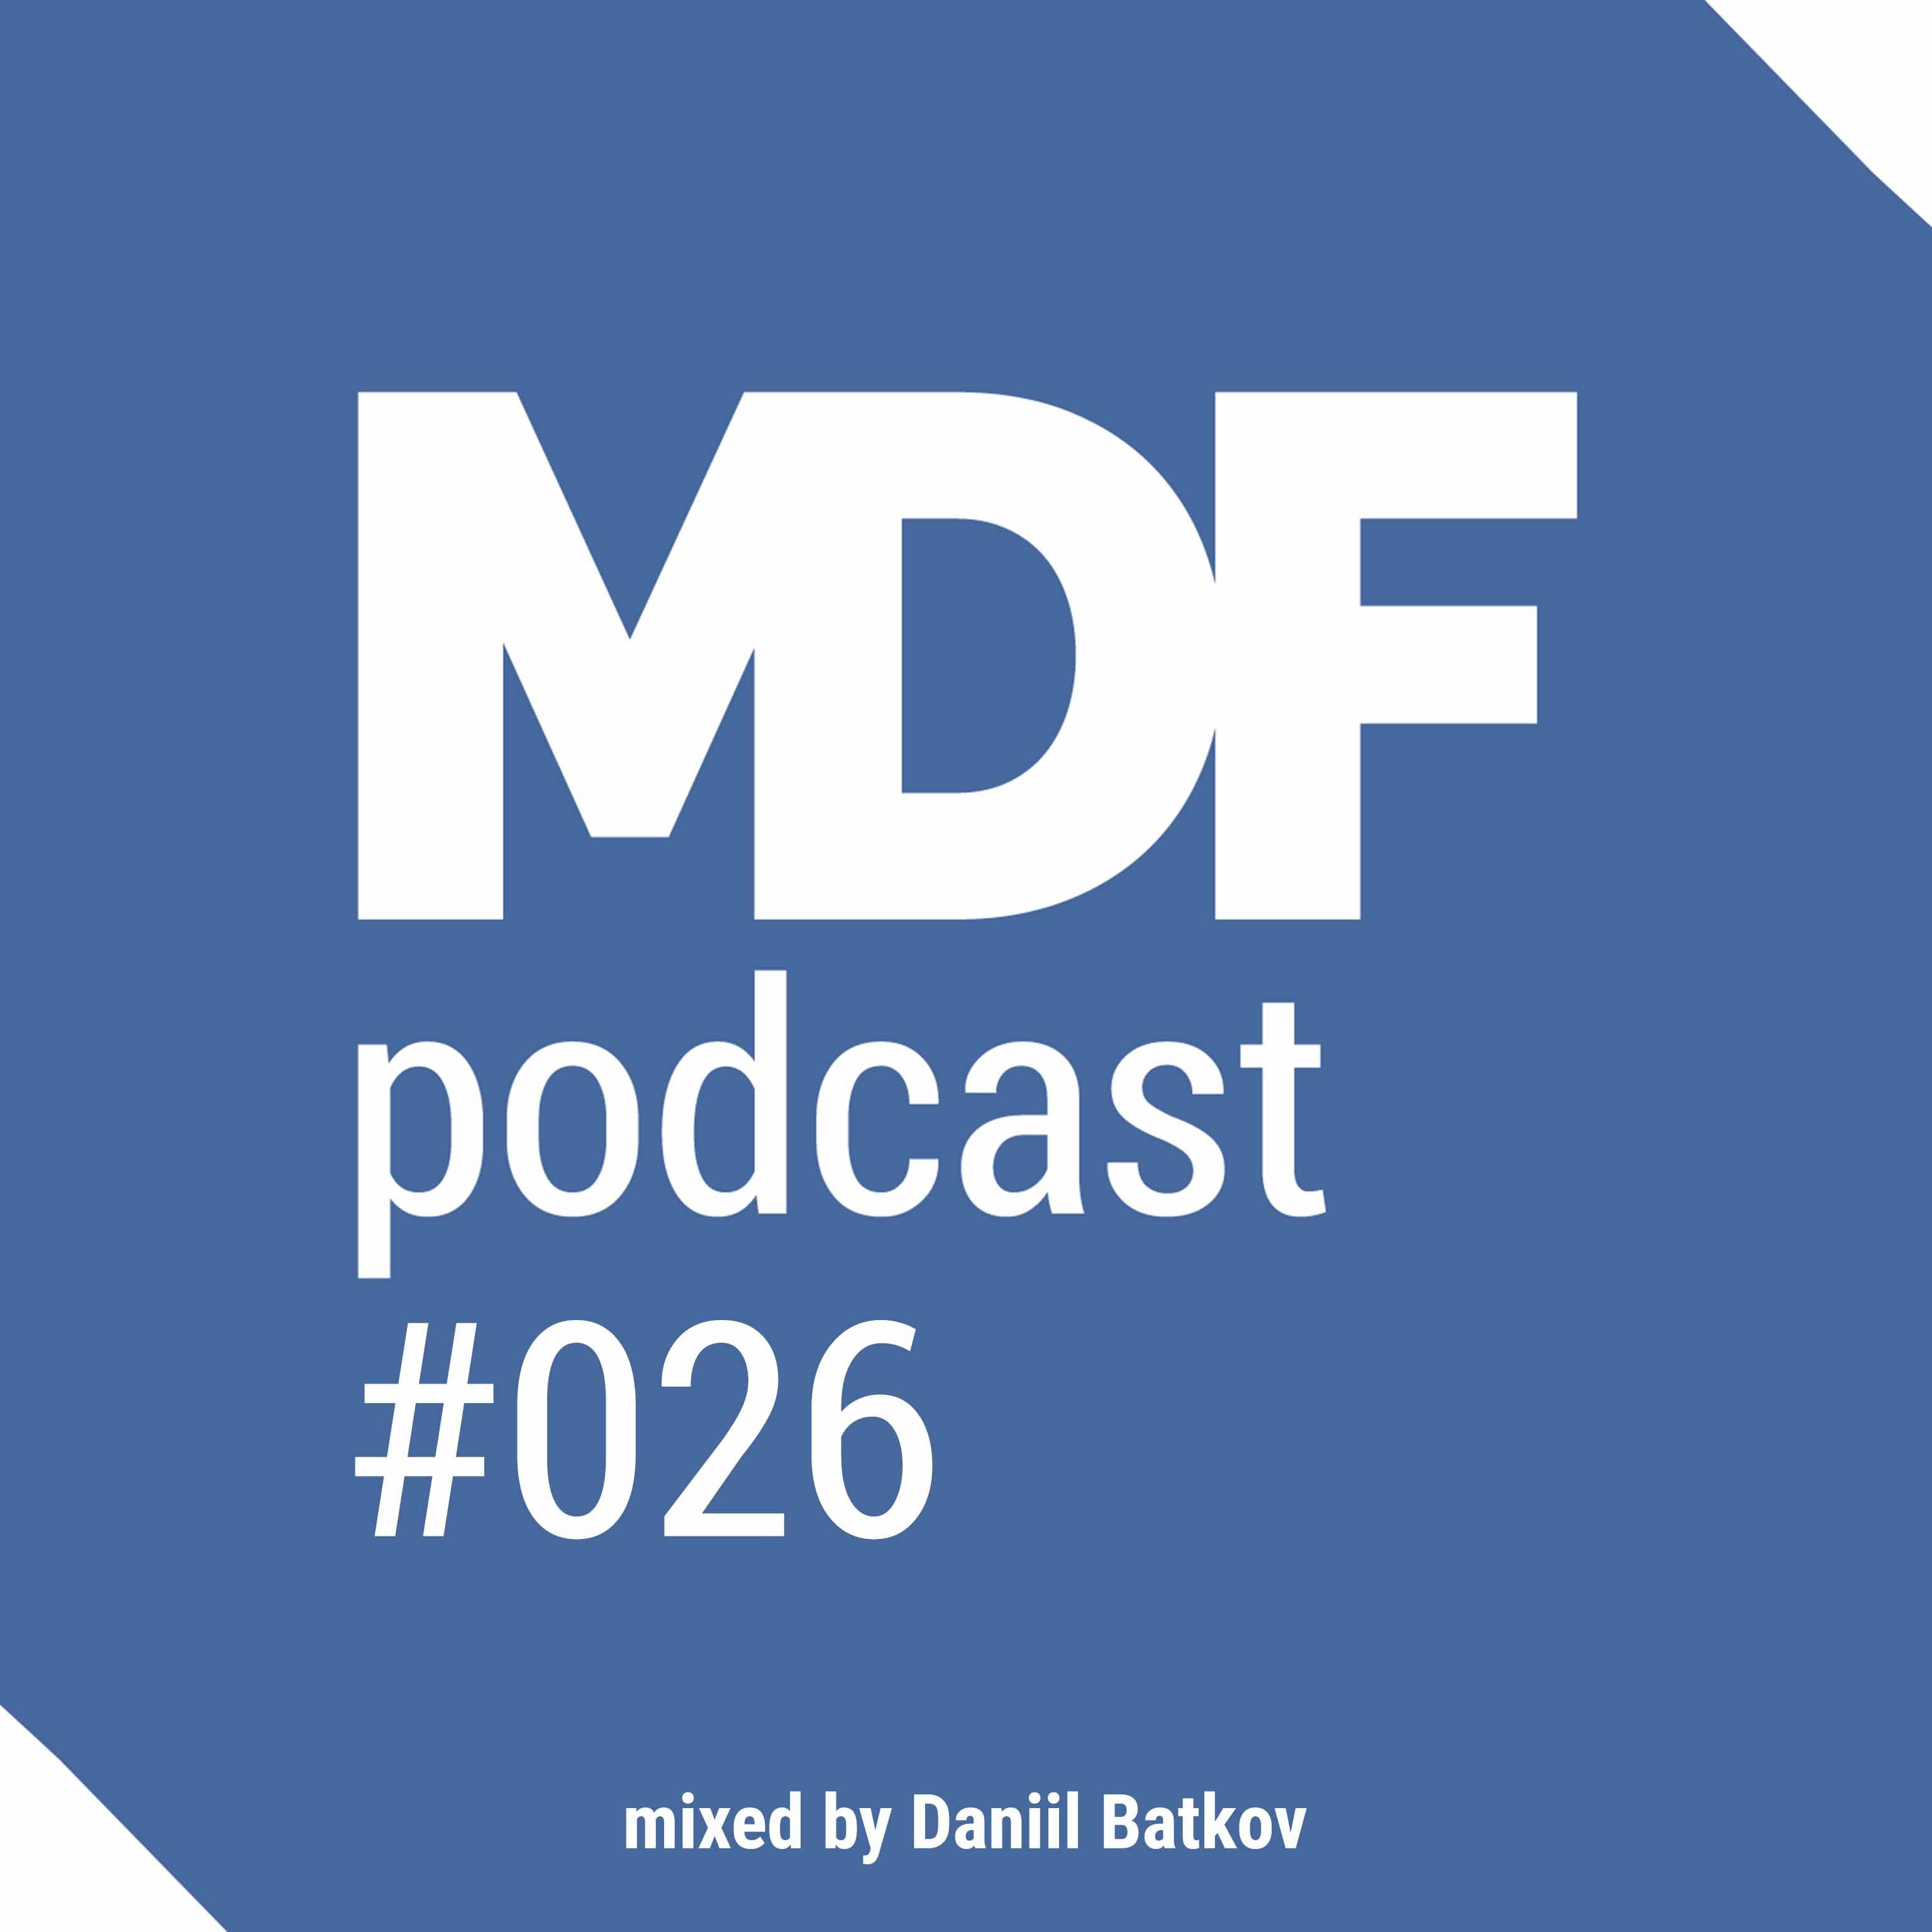 MDF Podcast o26